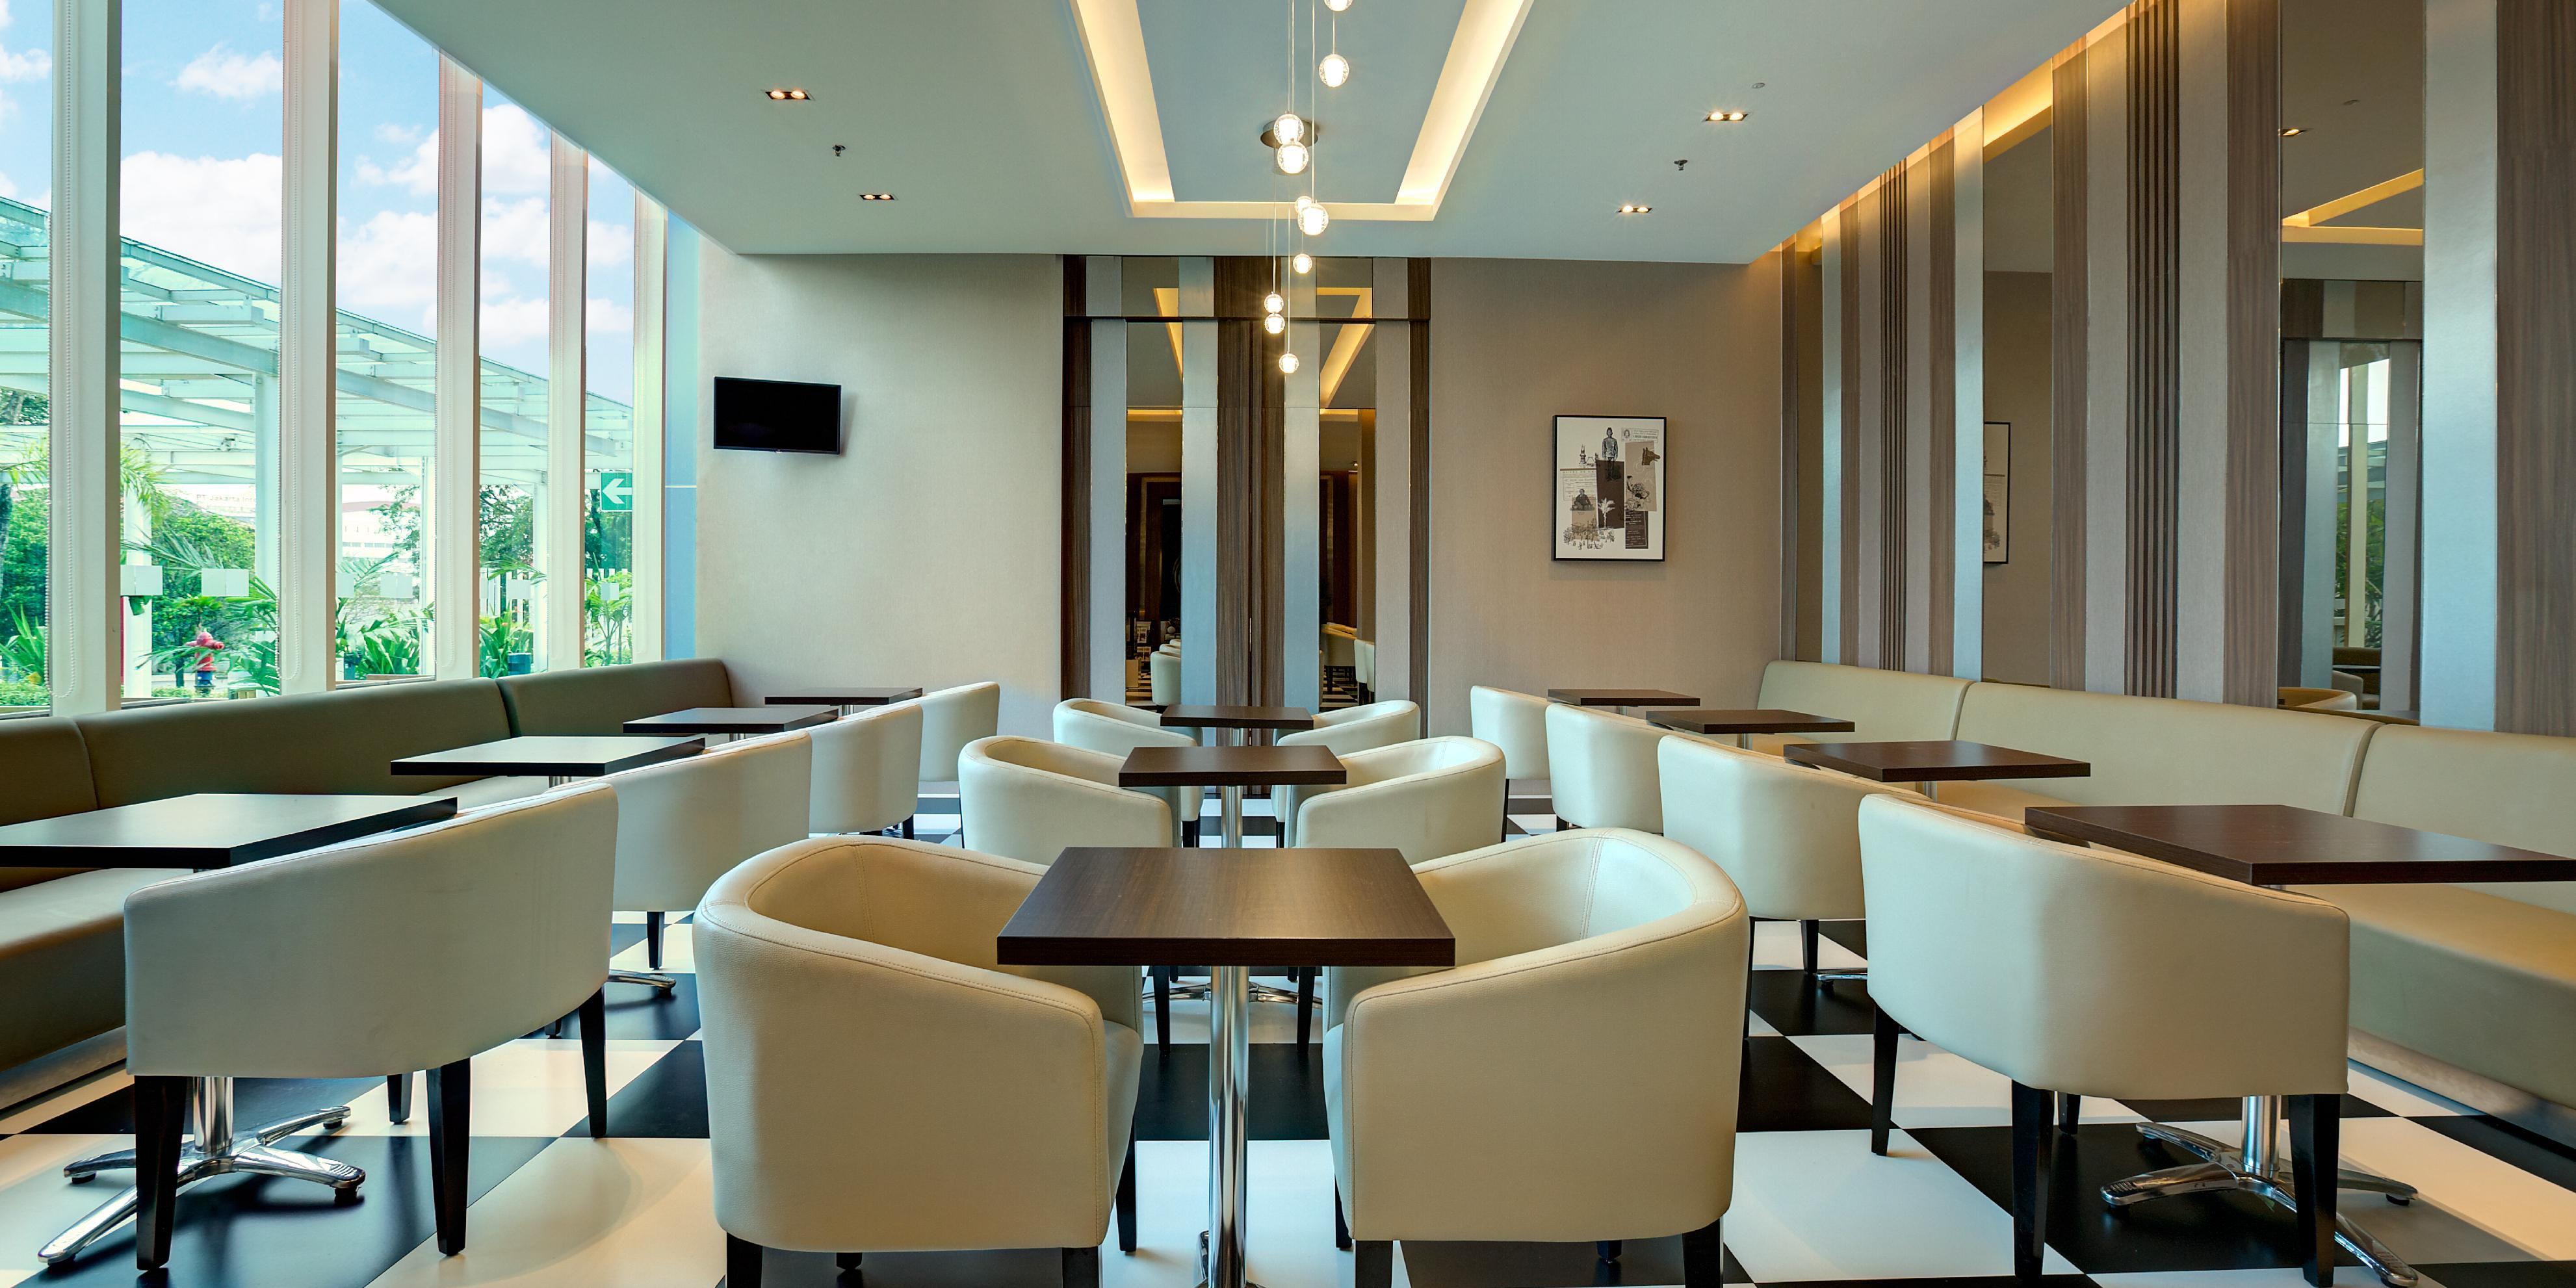 Holiday Inn Express Jakarta International Expo Hotel In Voucher Best Western Mangga Dua Pusat 4388536903 2x1